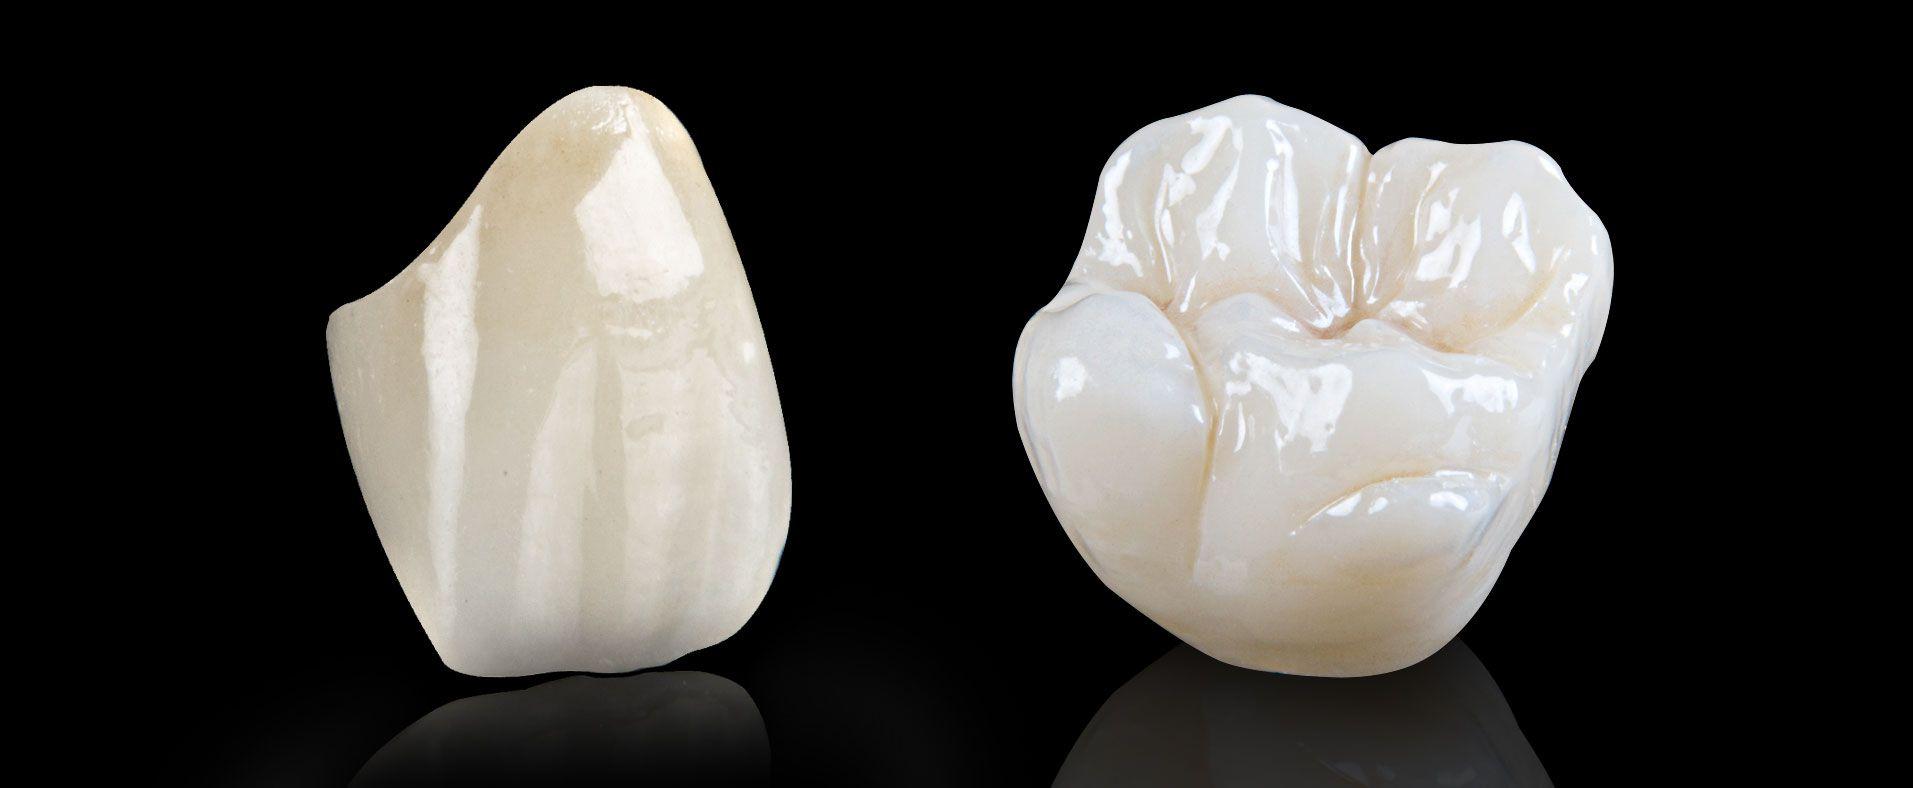 Vì sao nên dùng răng sứ